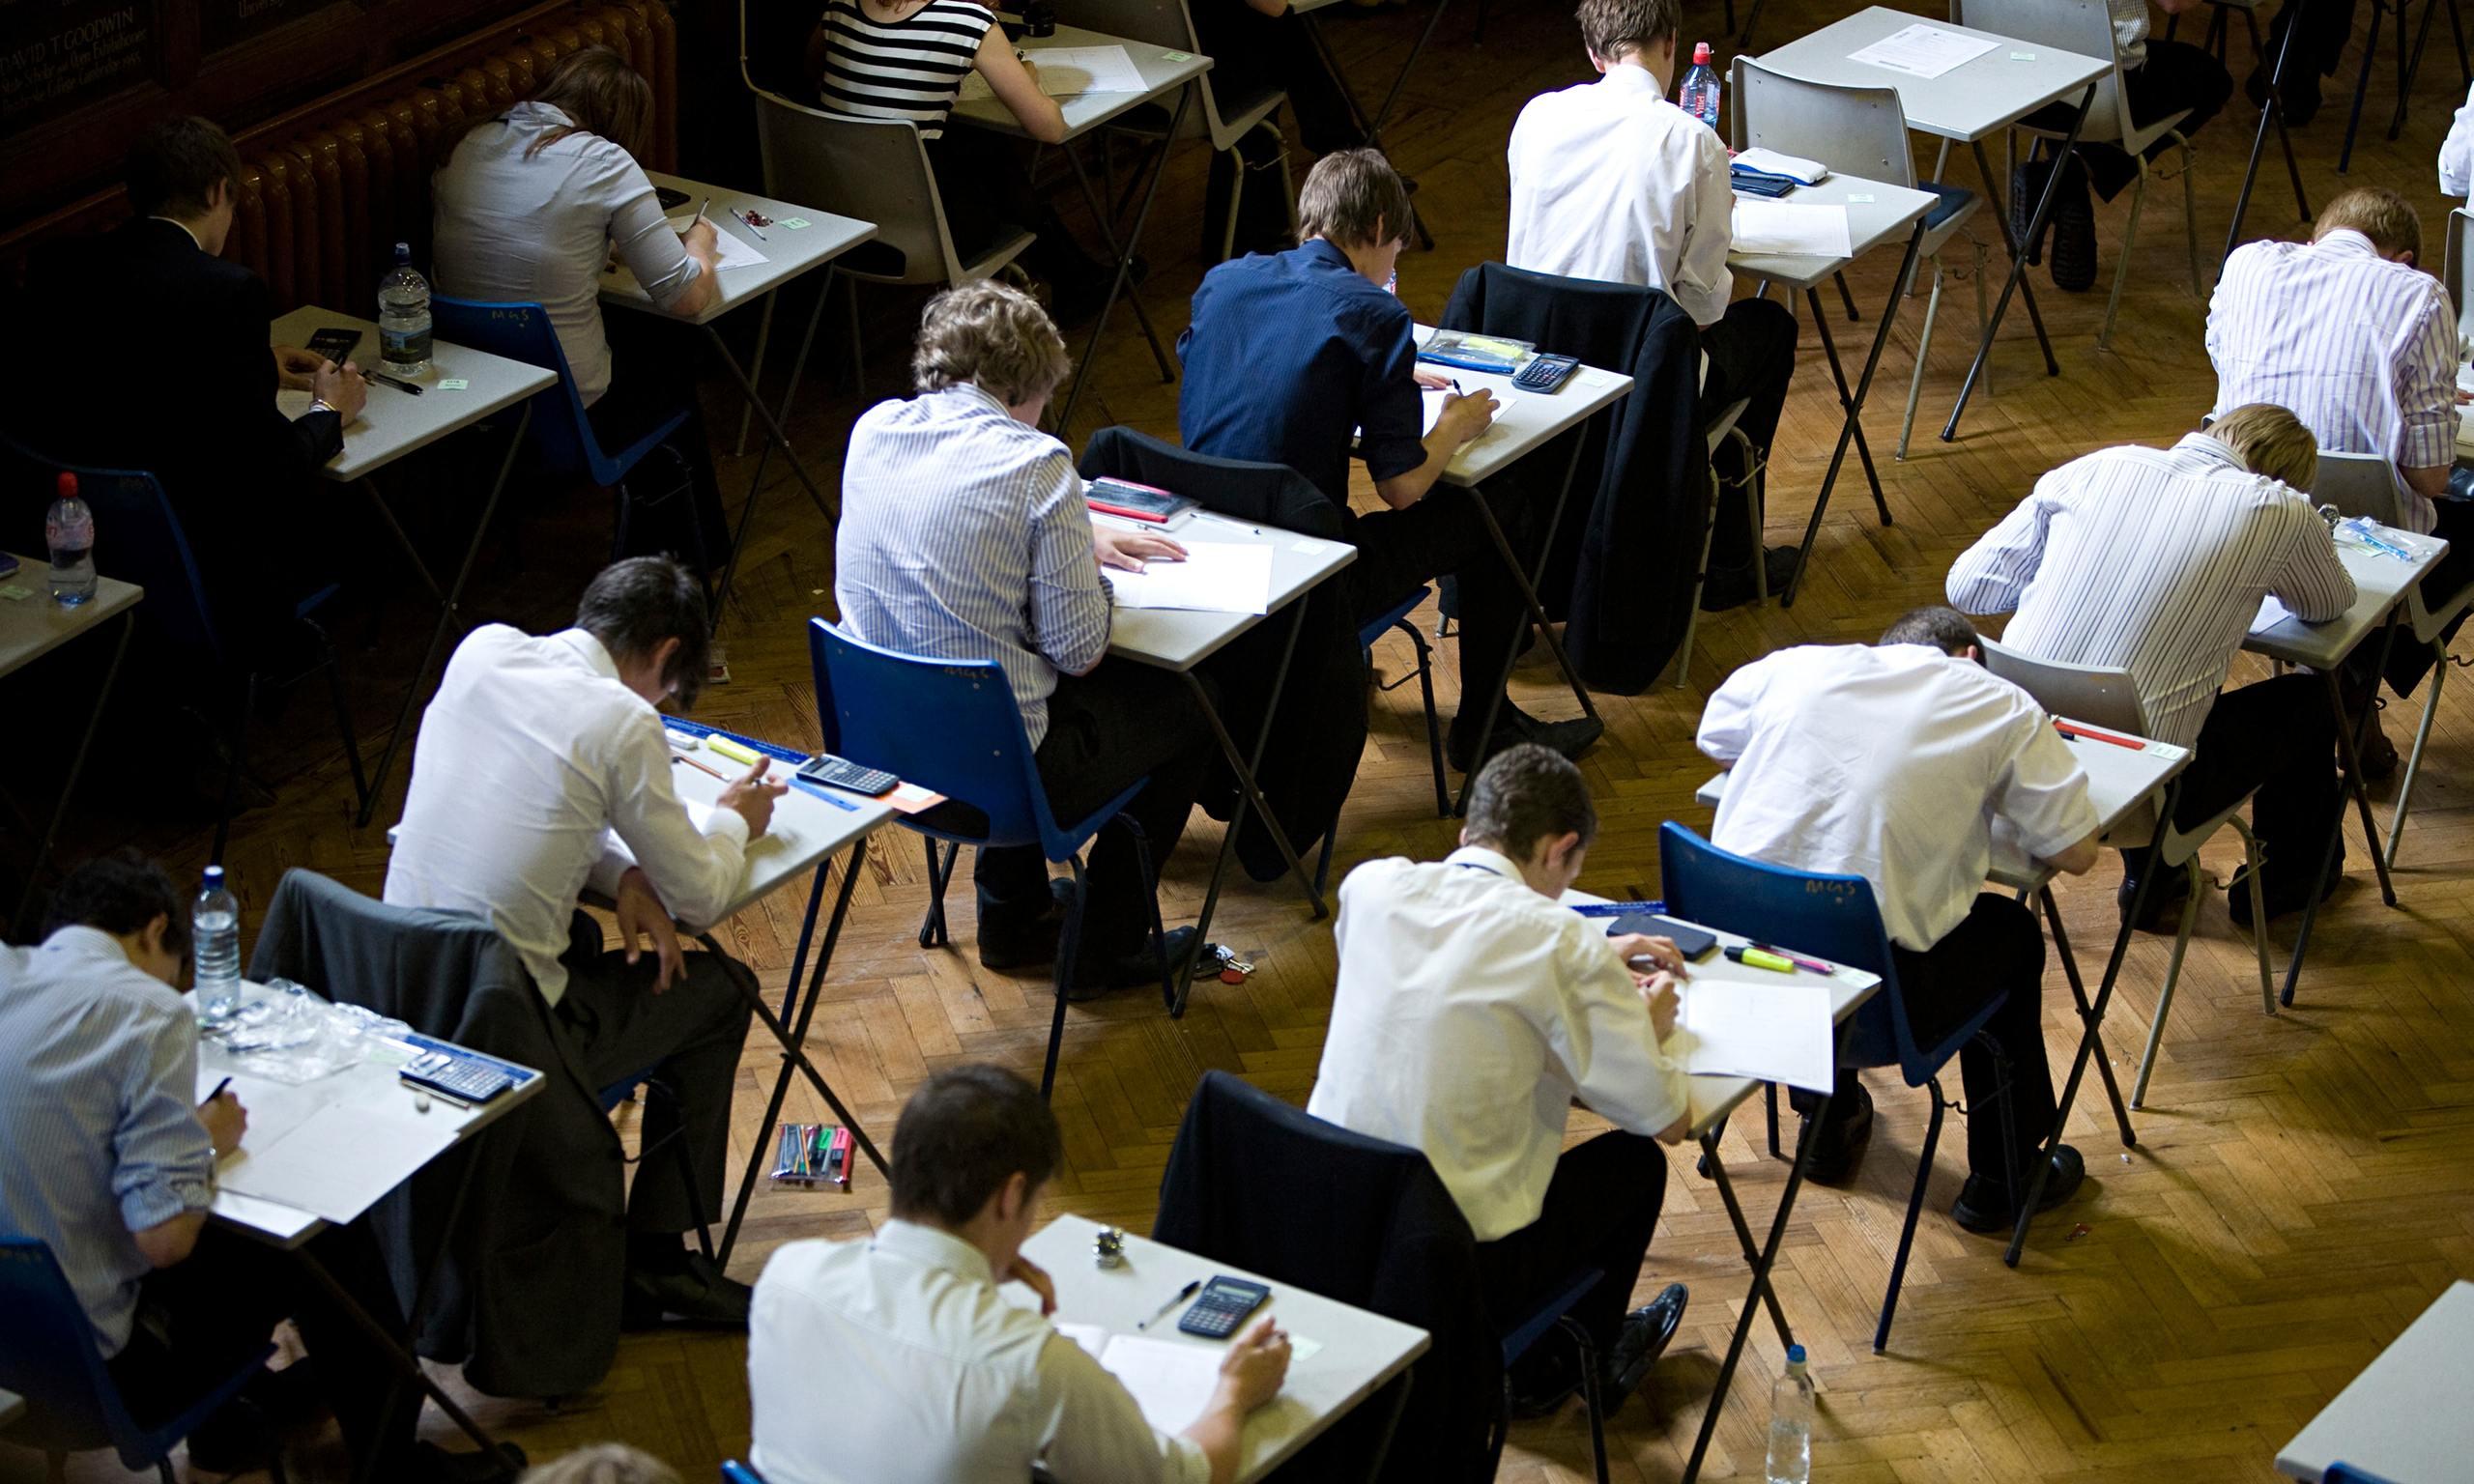 BACALAUREAT 2015  Elevii sustin vineri proba la alegere a profilului